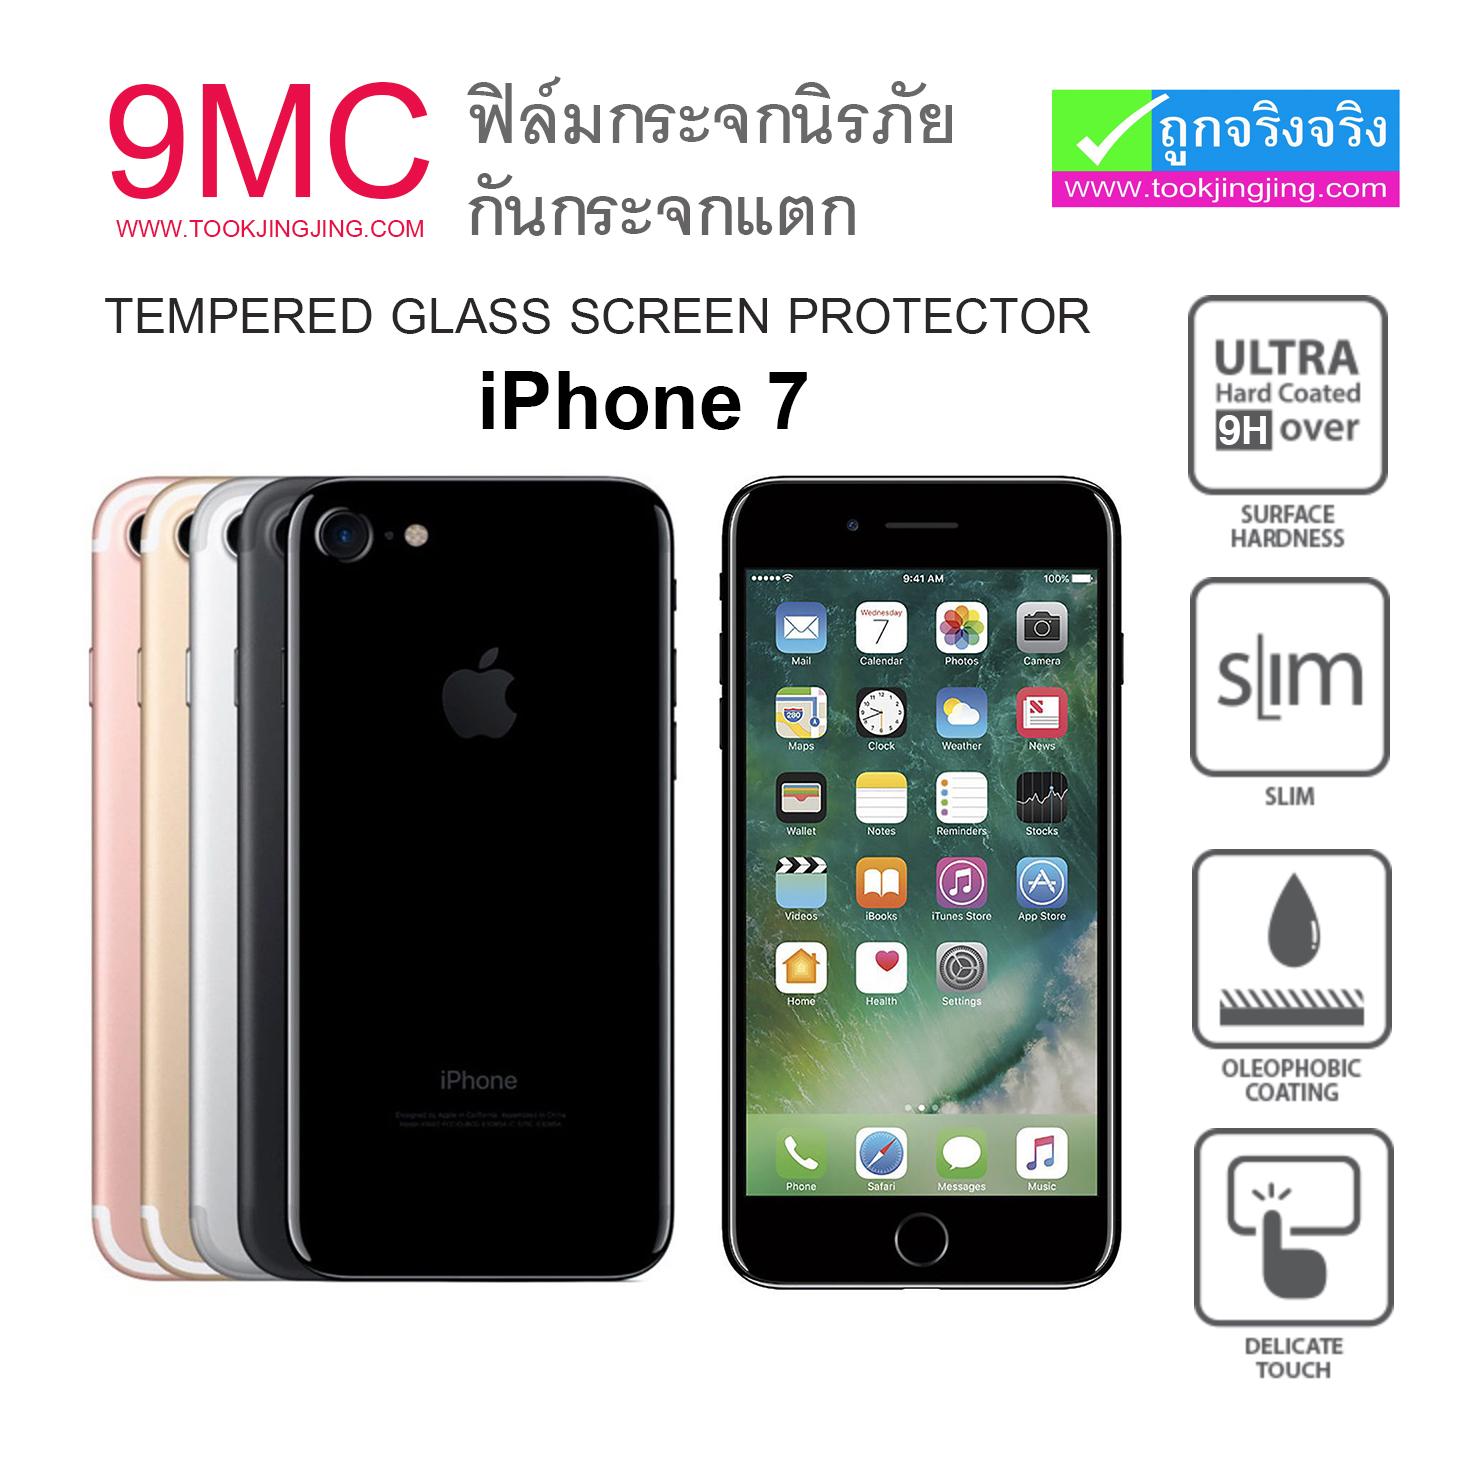 ฟิล์มกระจก iPhone 7 9MC